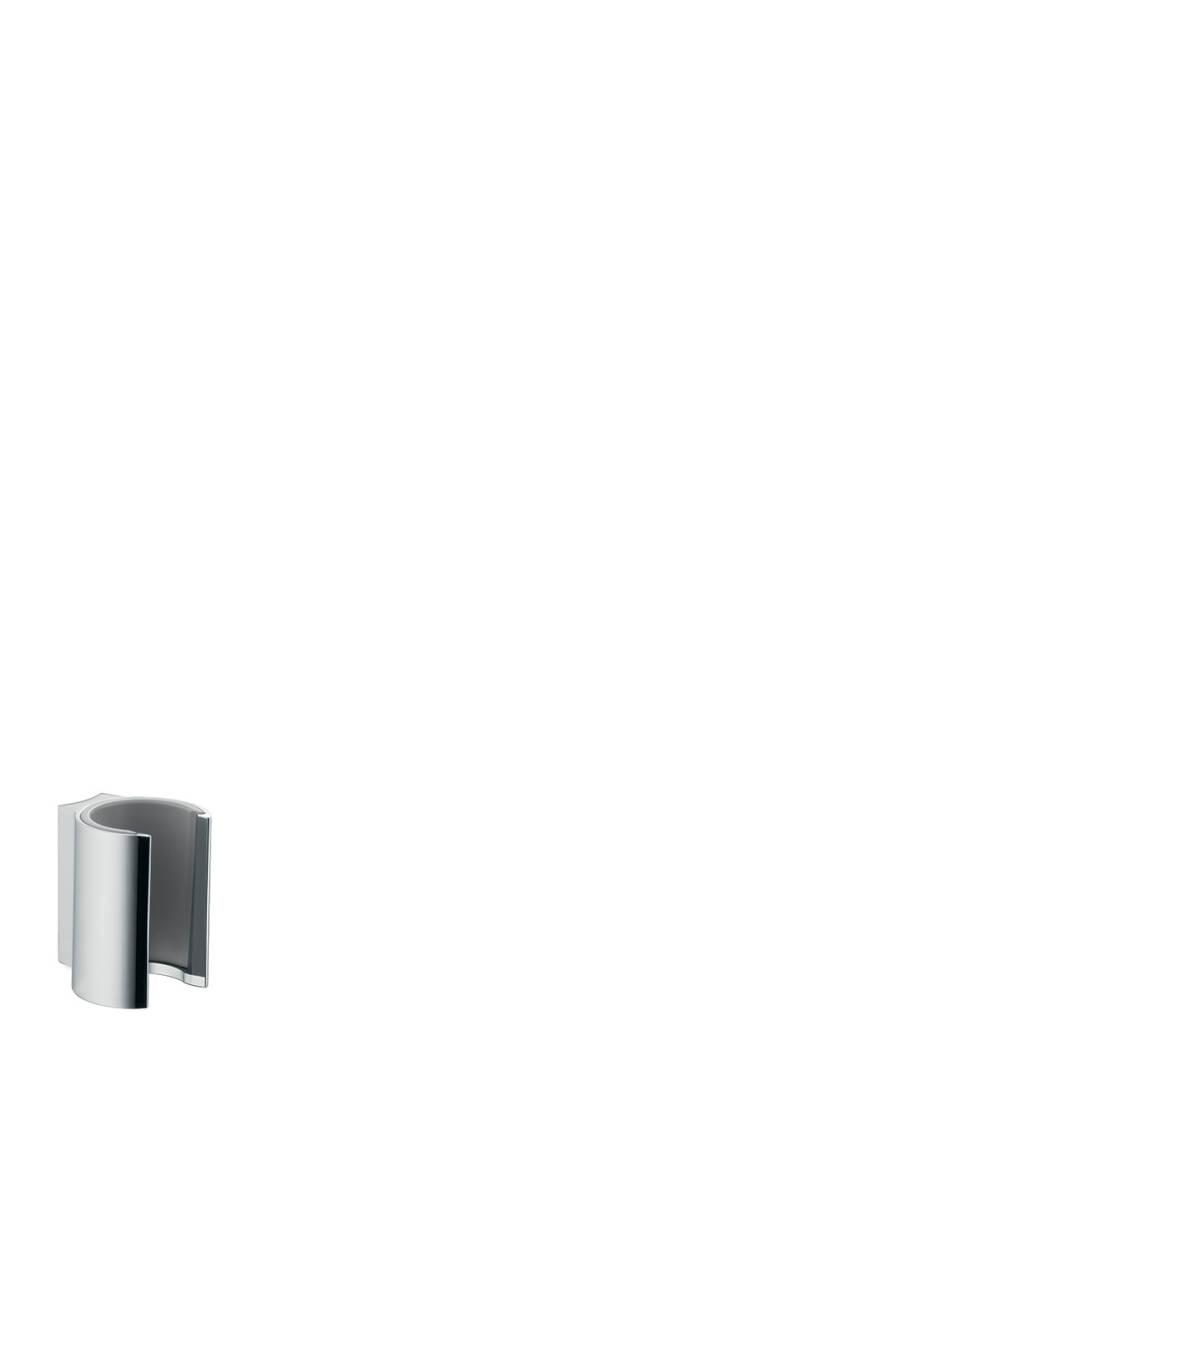 Shower holder, Brushed Nickel, 27515820